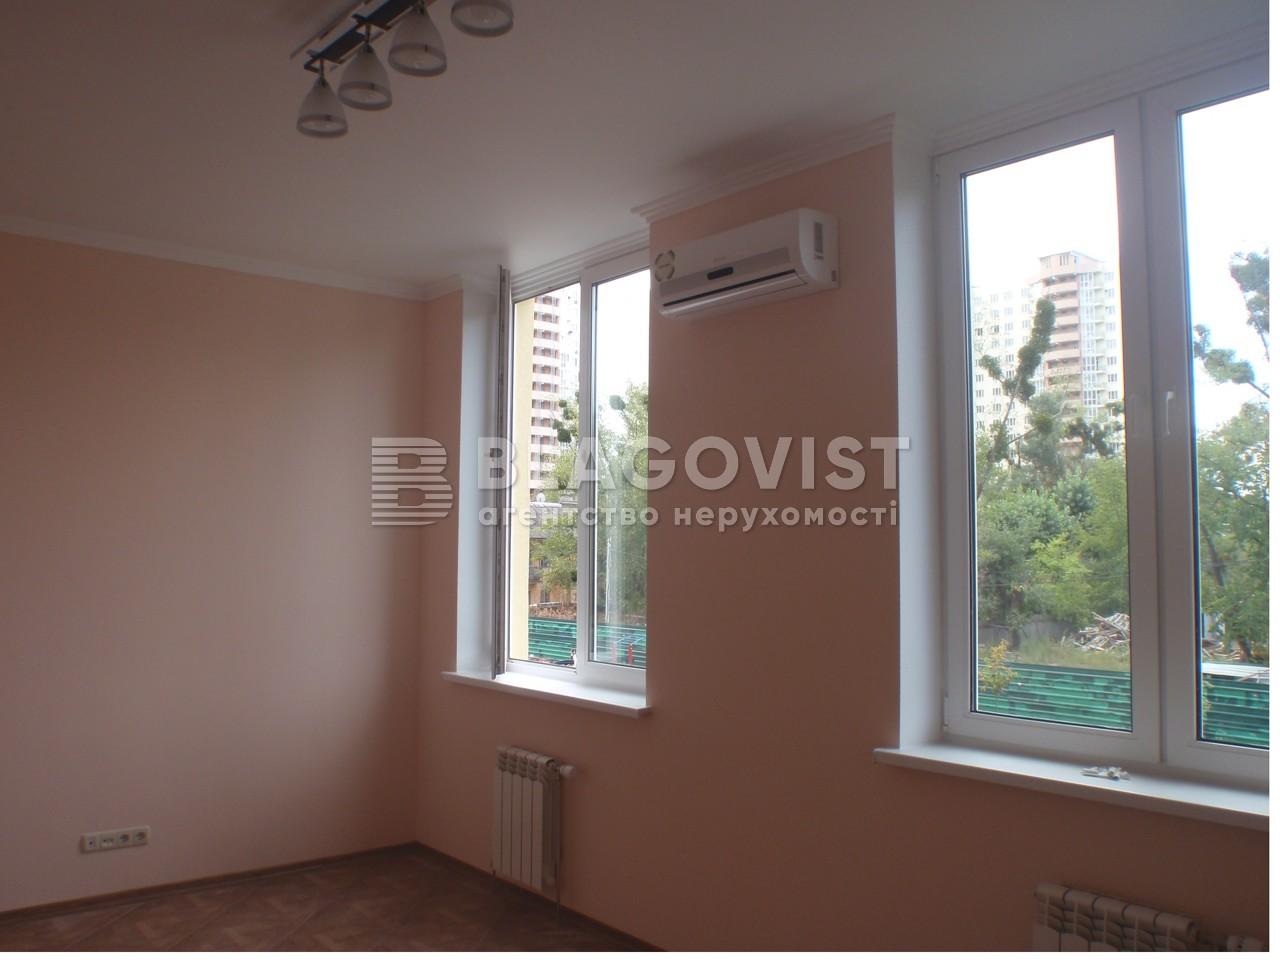 Квартира R-490, Хоткевича Гната (Красногвардейская), 8, Киев - Фото 6